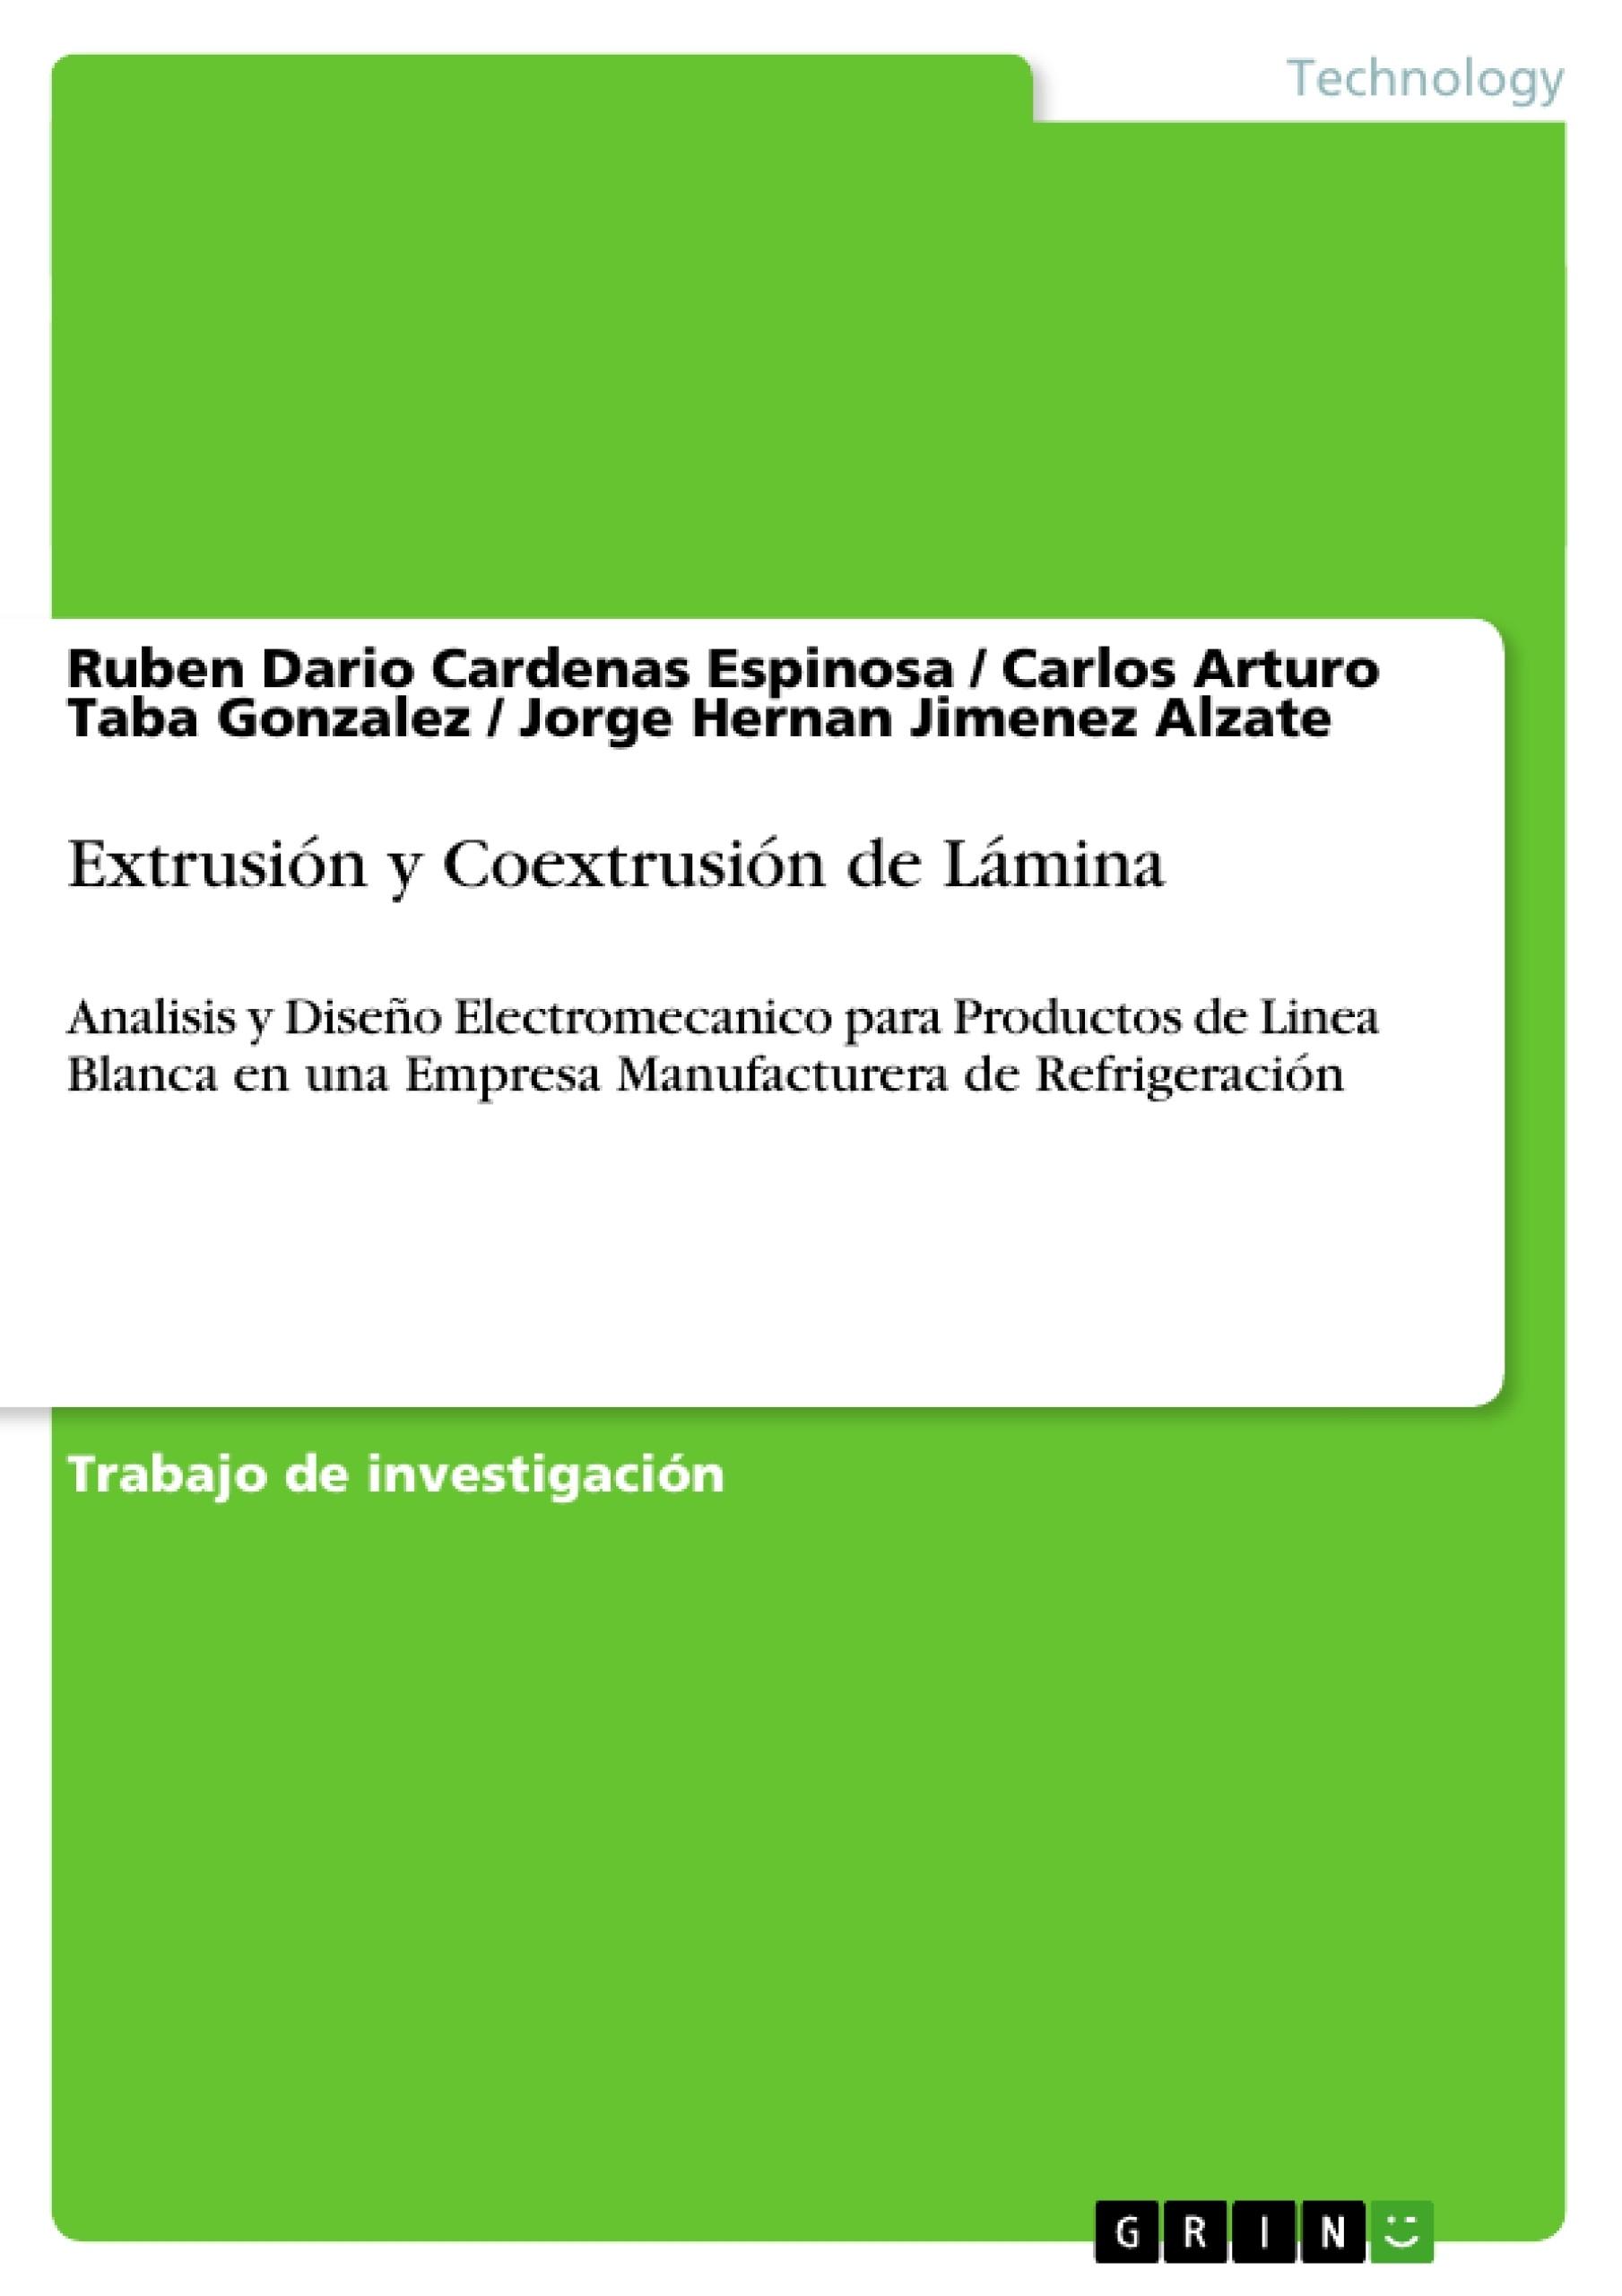 Título: Extrusión y Coextrusión de Lámina